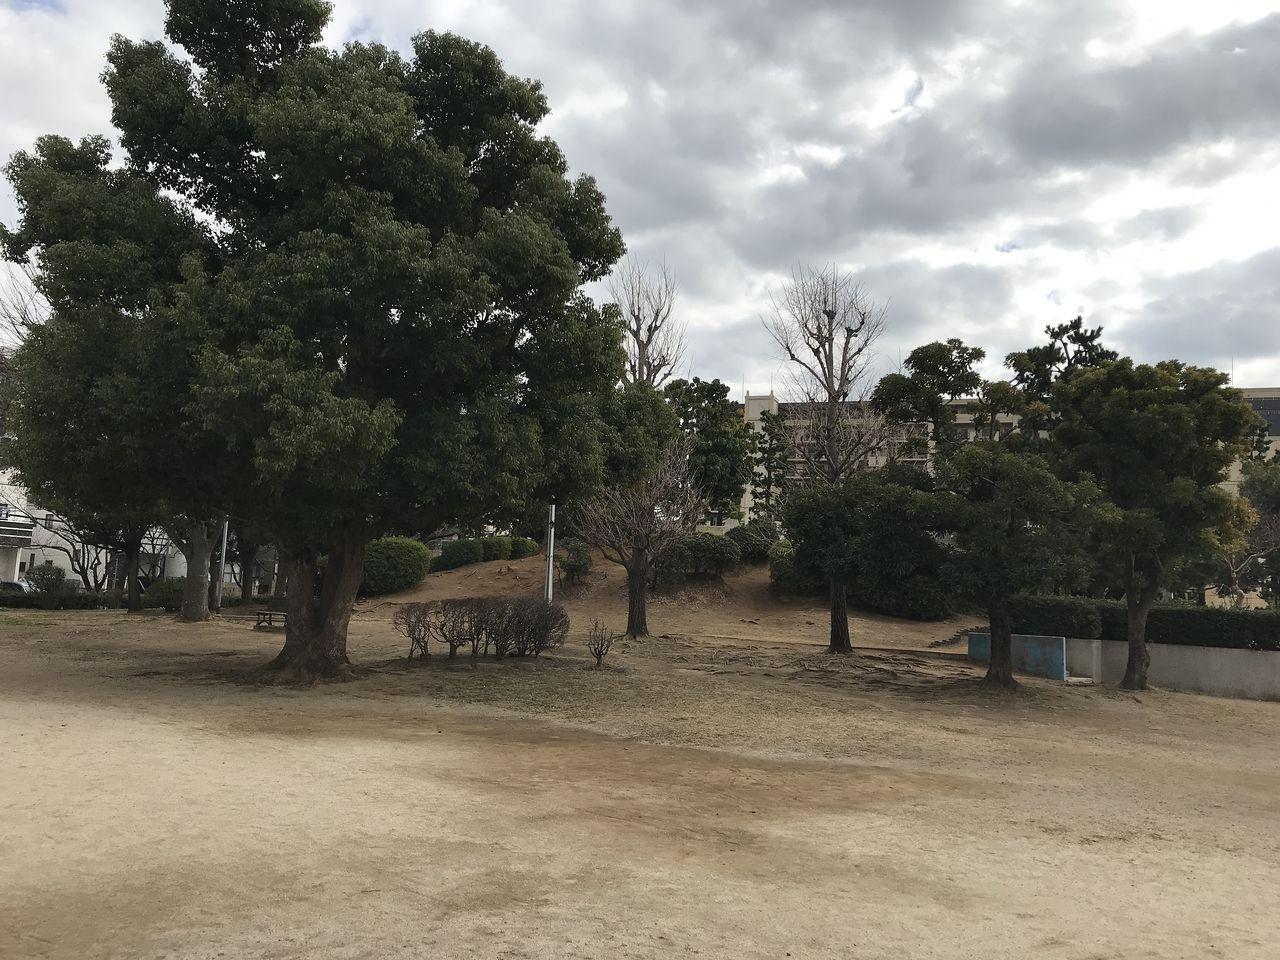 行徳の南部公園の木立